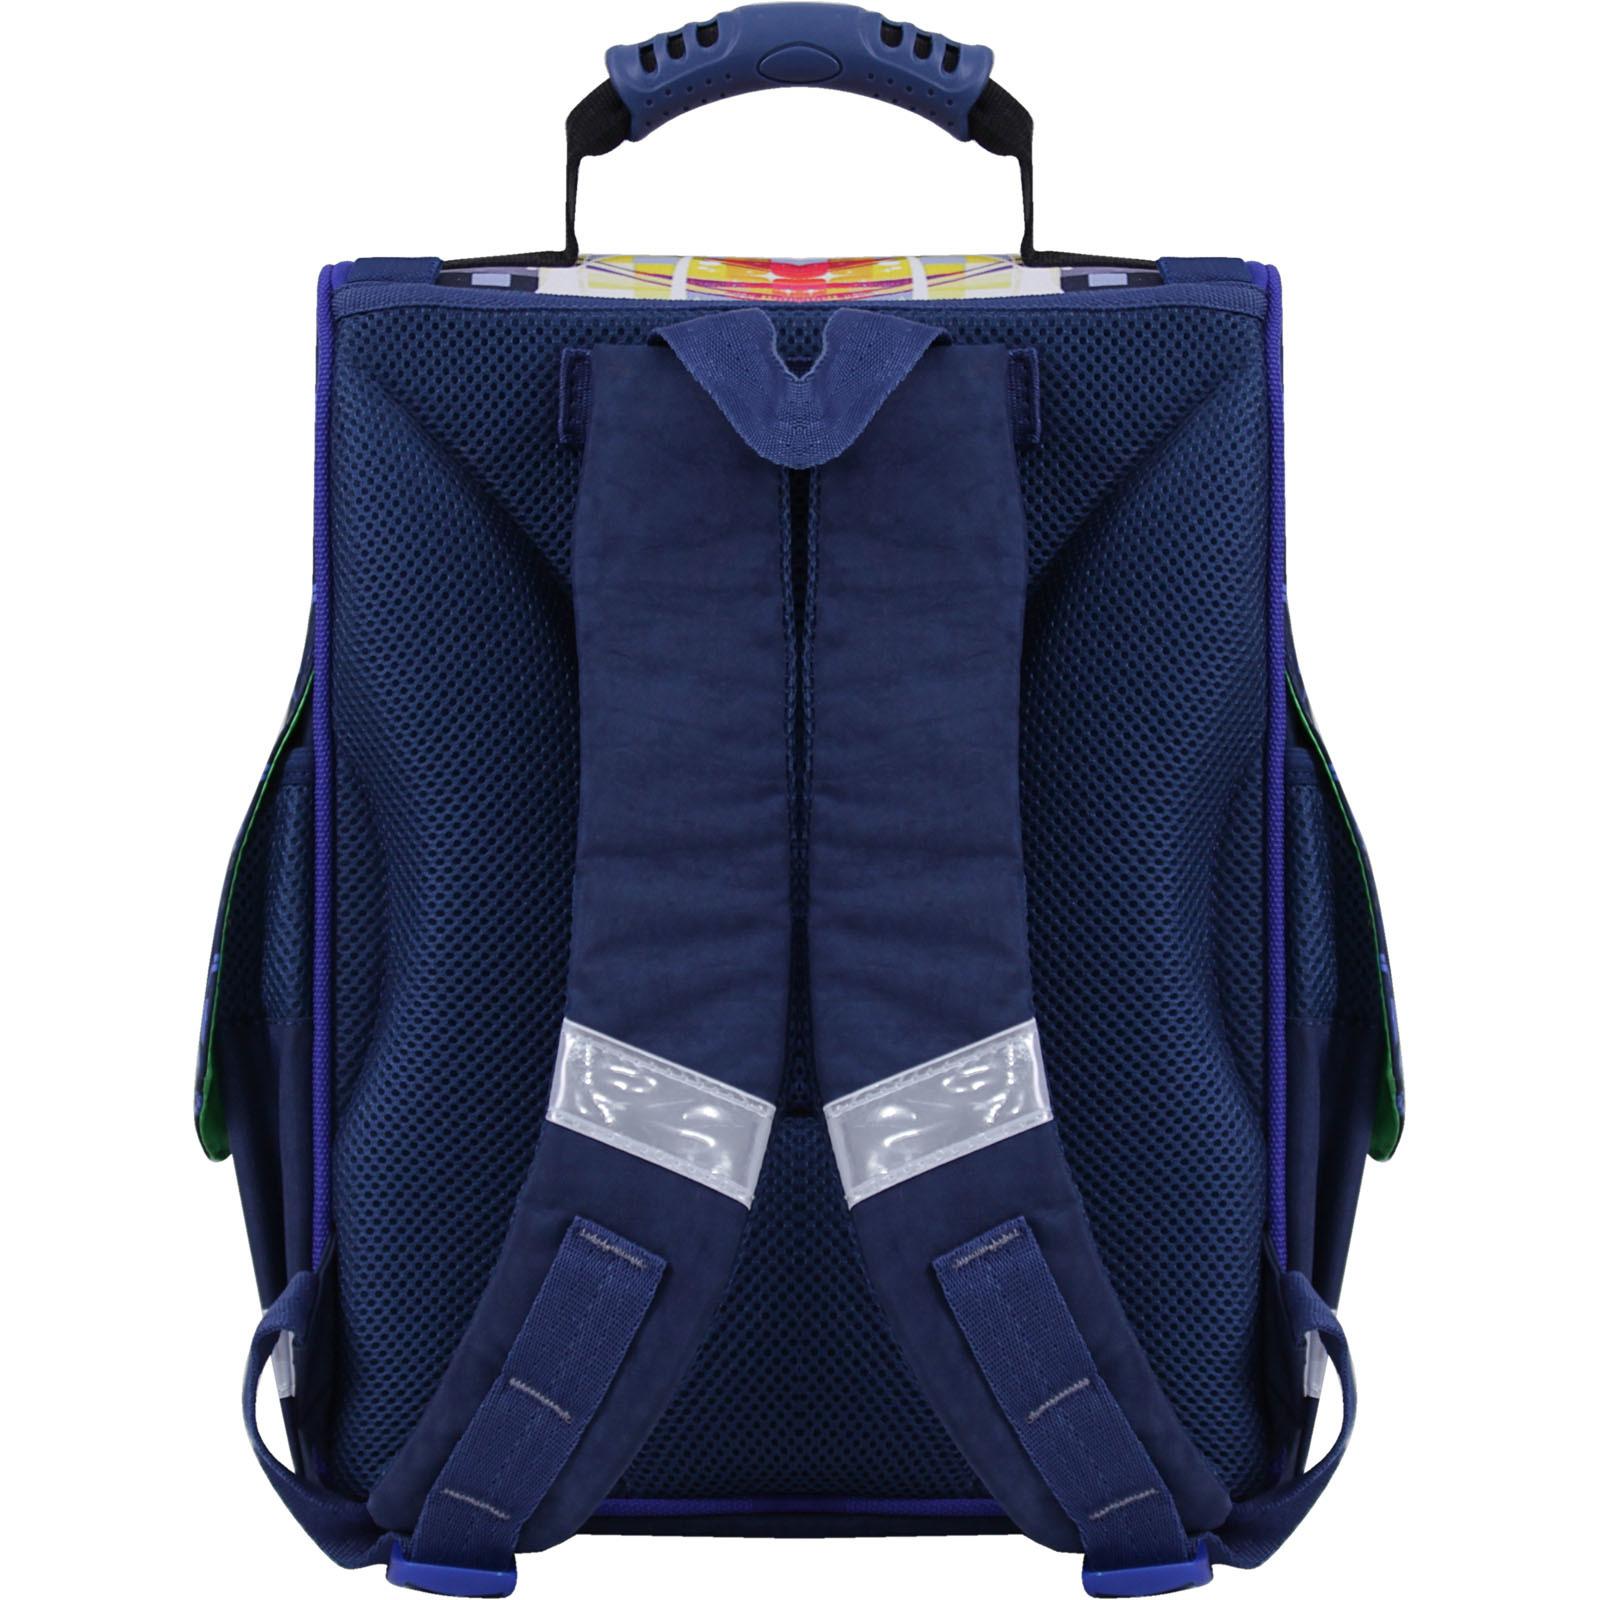 Рюкзак школьный каркасный с фонариками Bagland Успех 12 л. синий 614 (00551703)